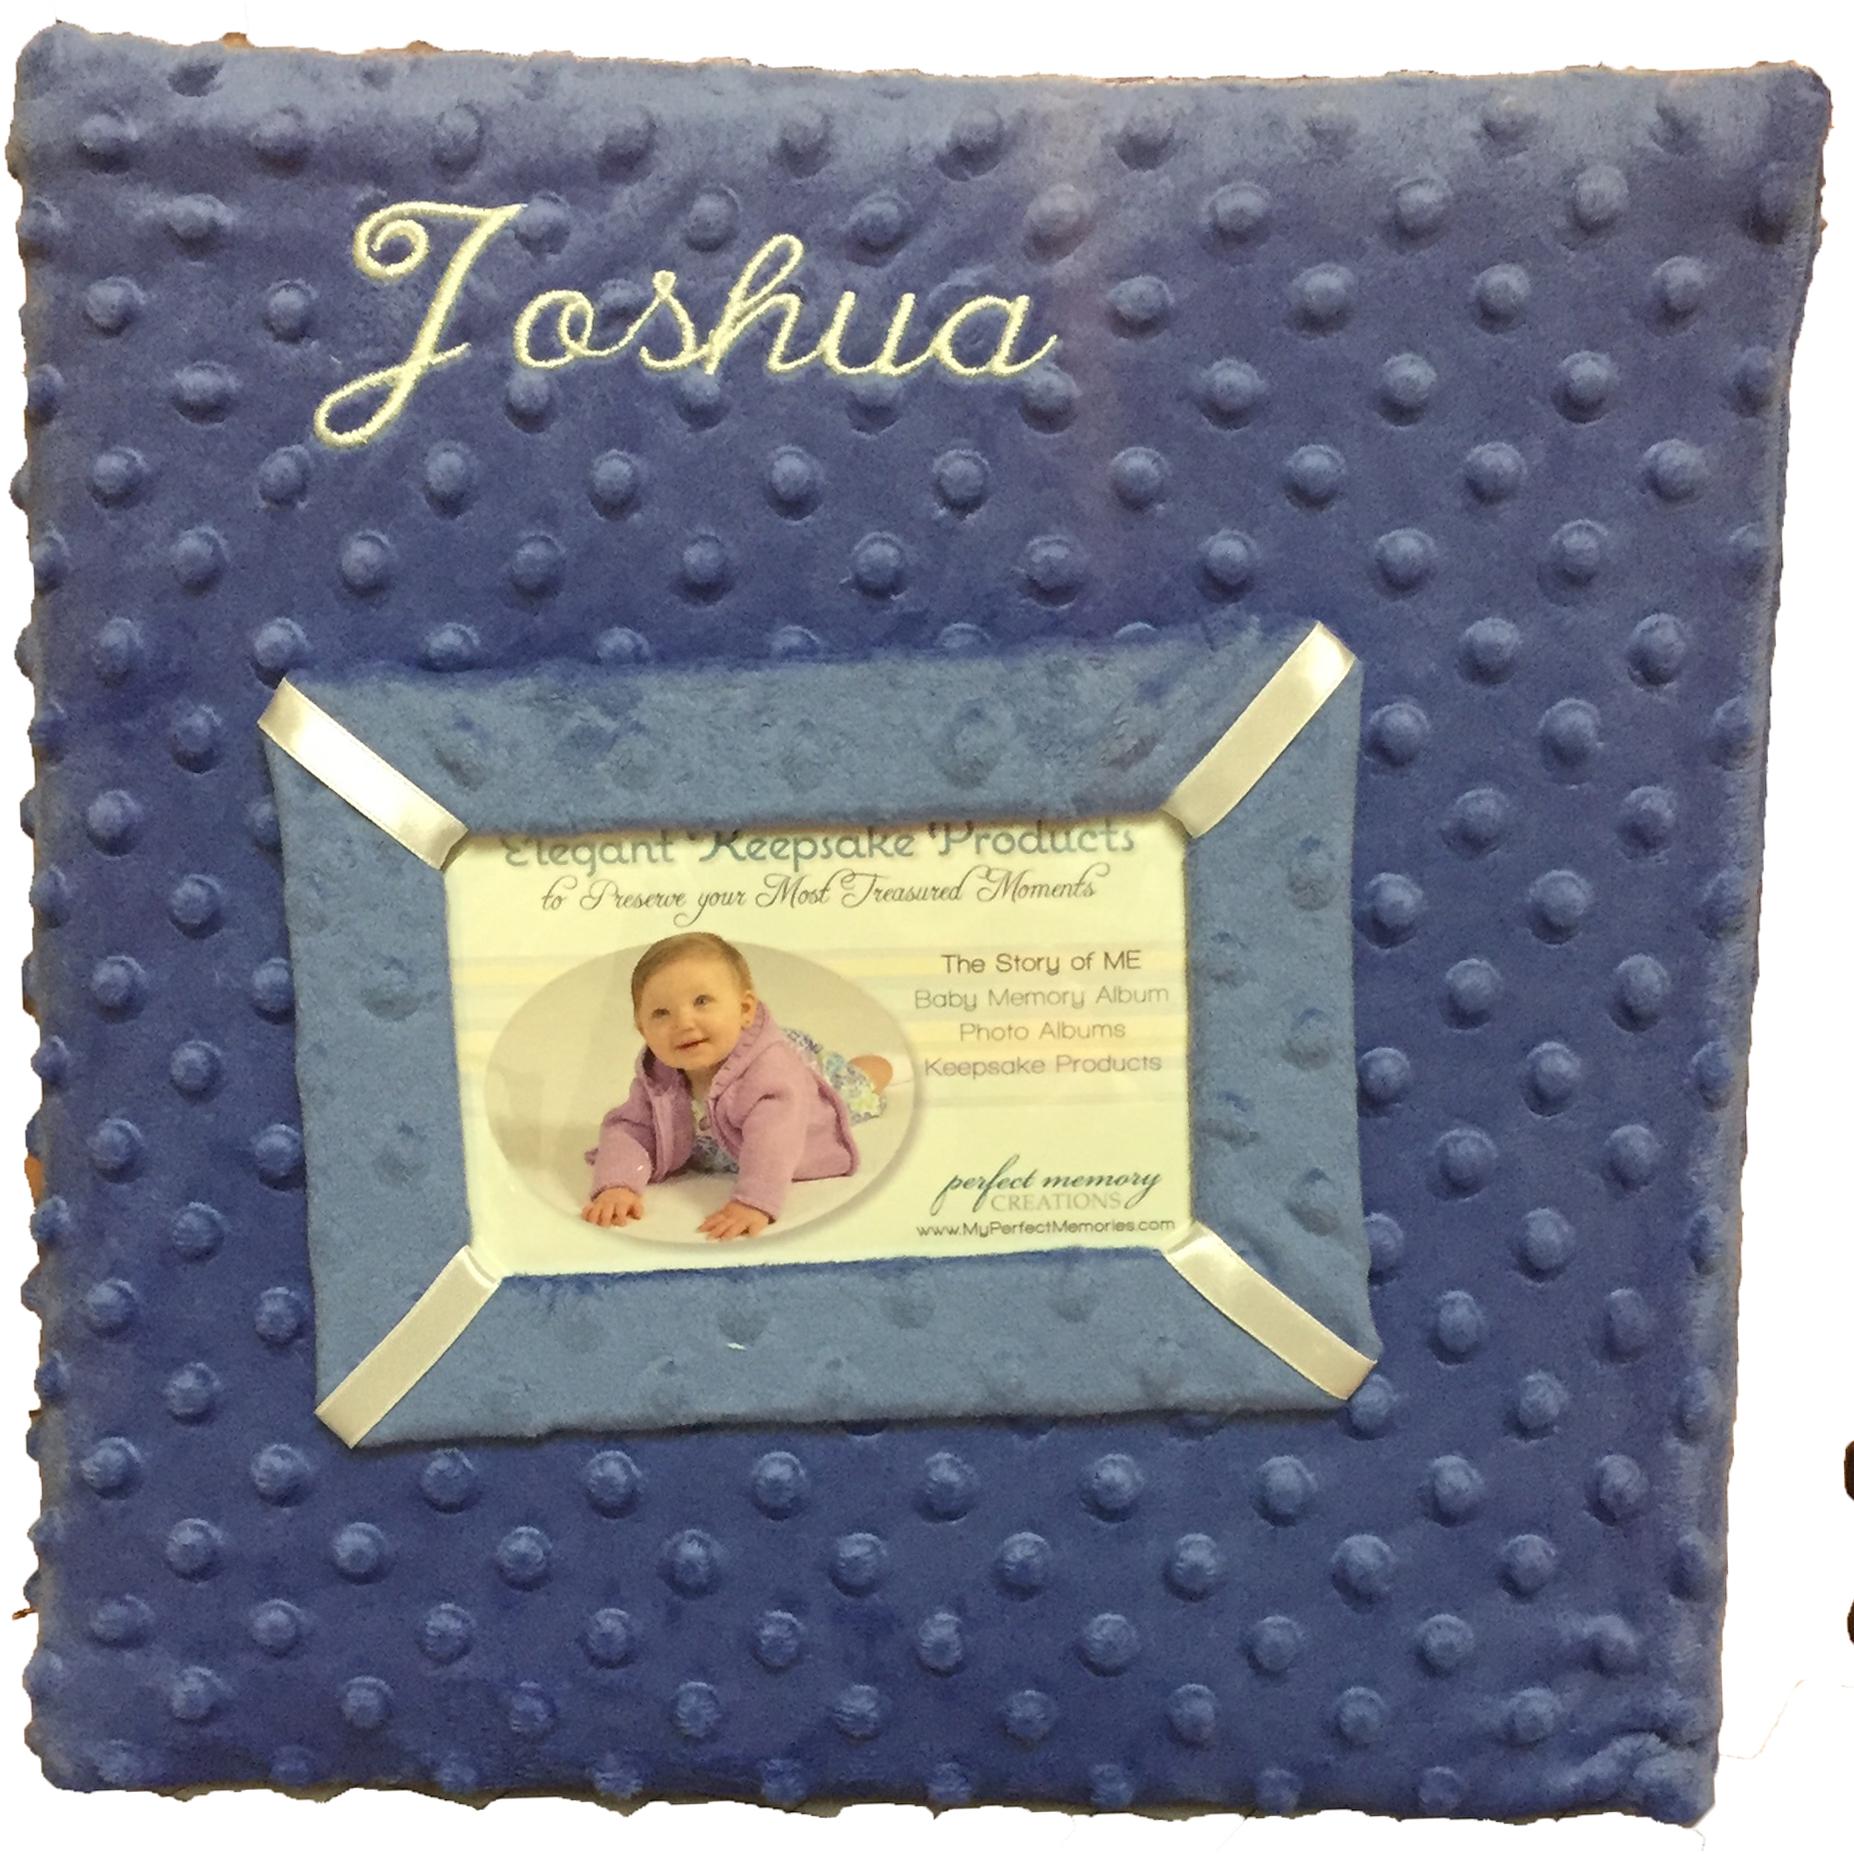 Joshua's Baby Book